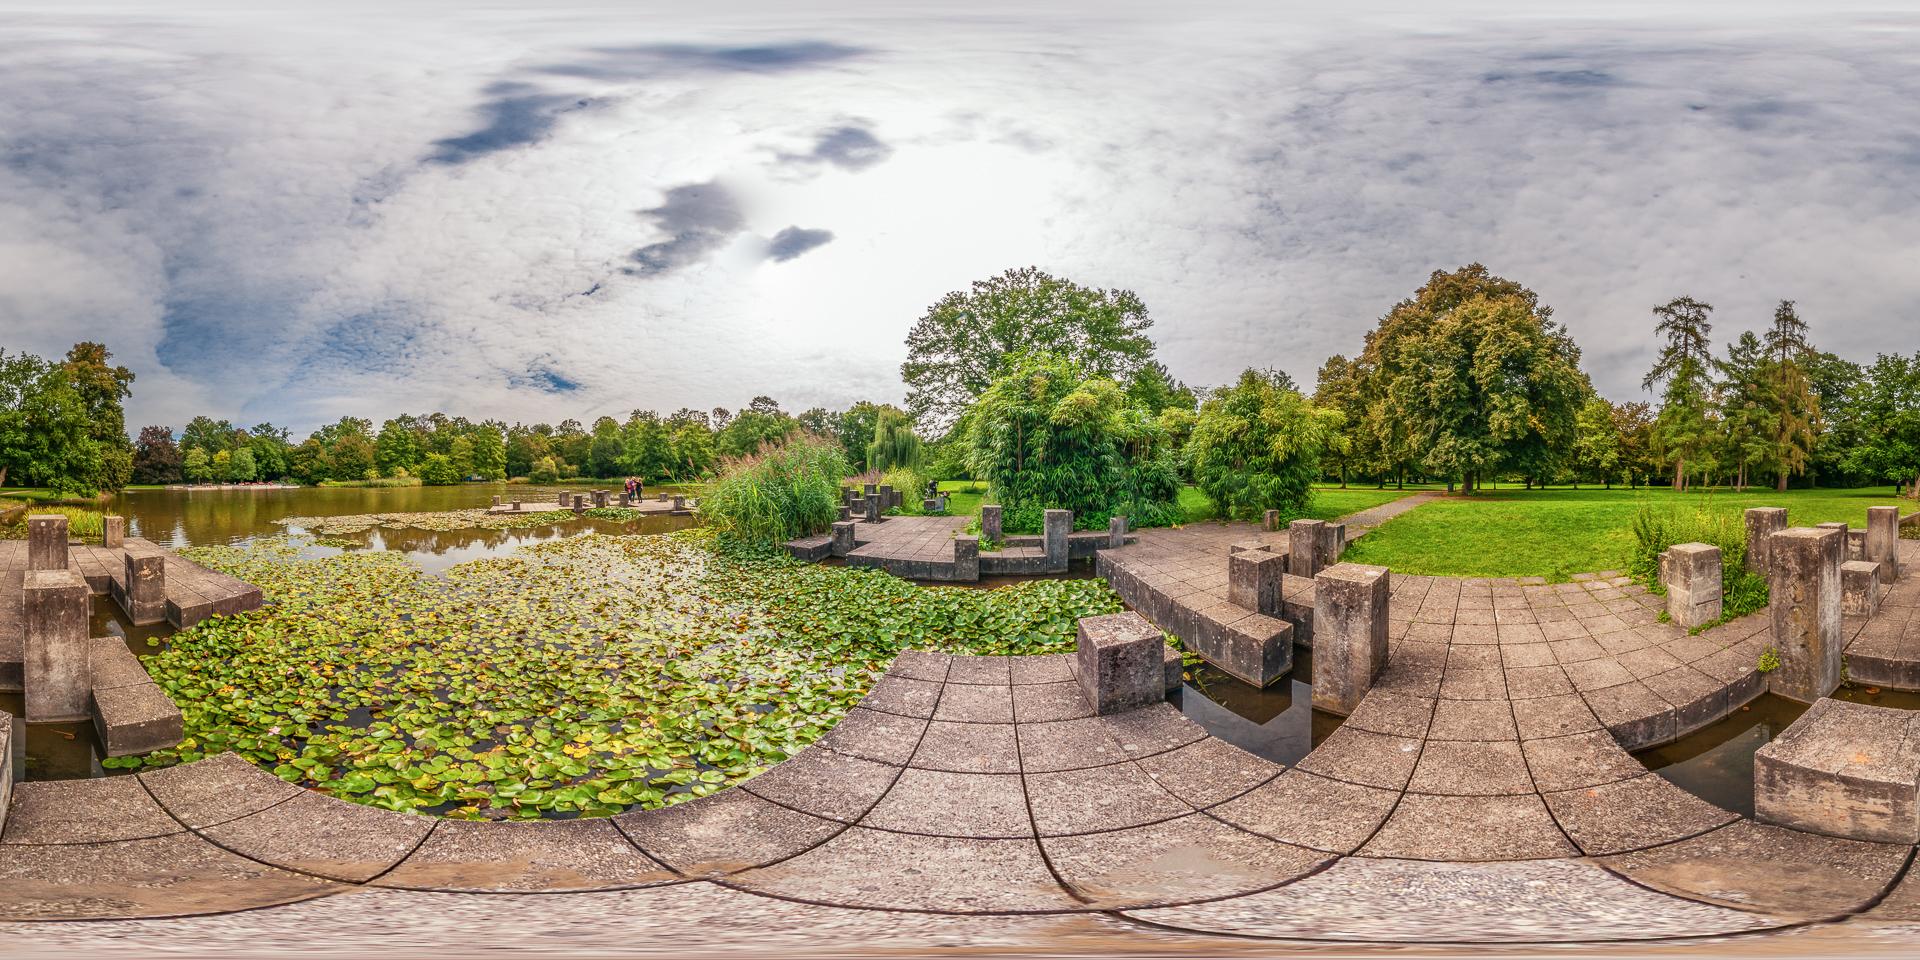 Botanischer-Garten-Karlsruhe-Teich